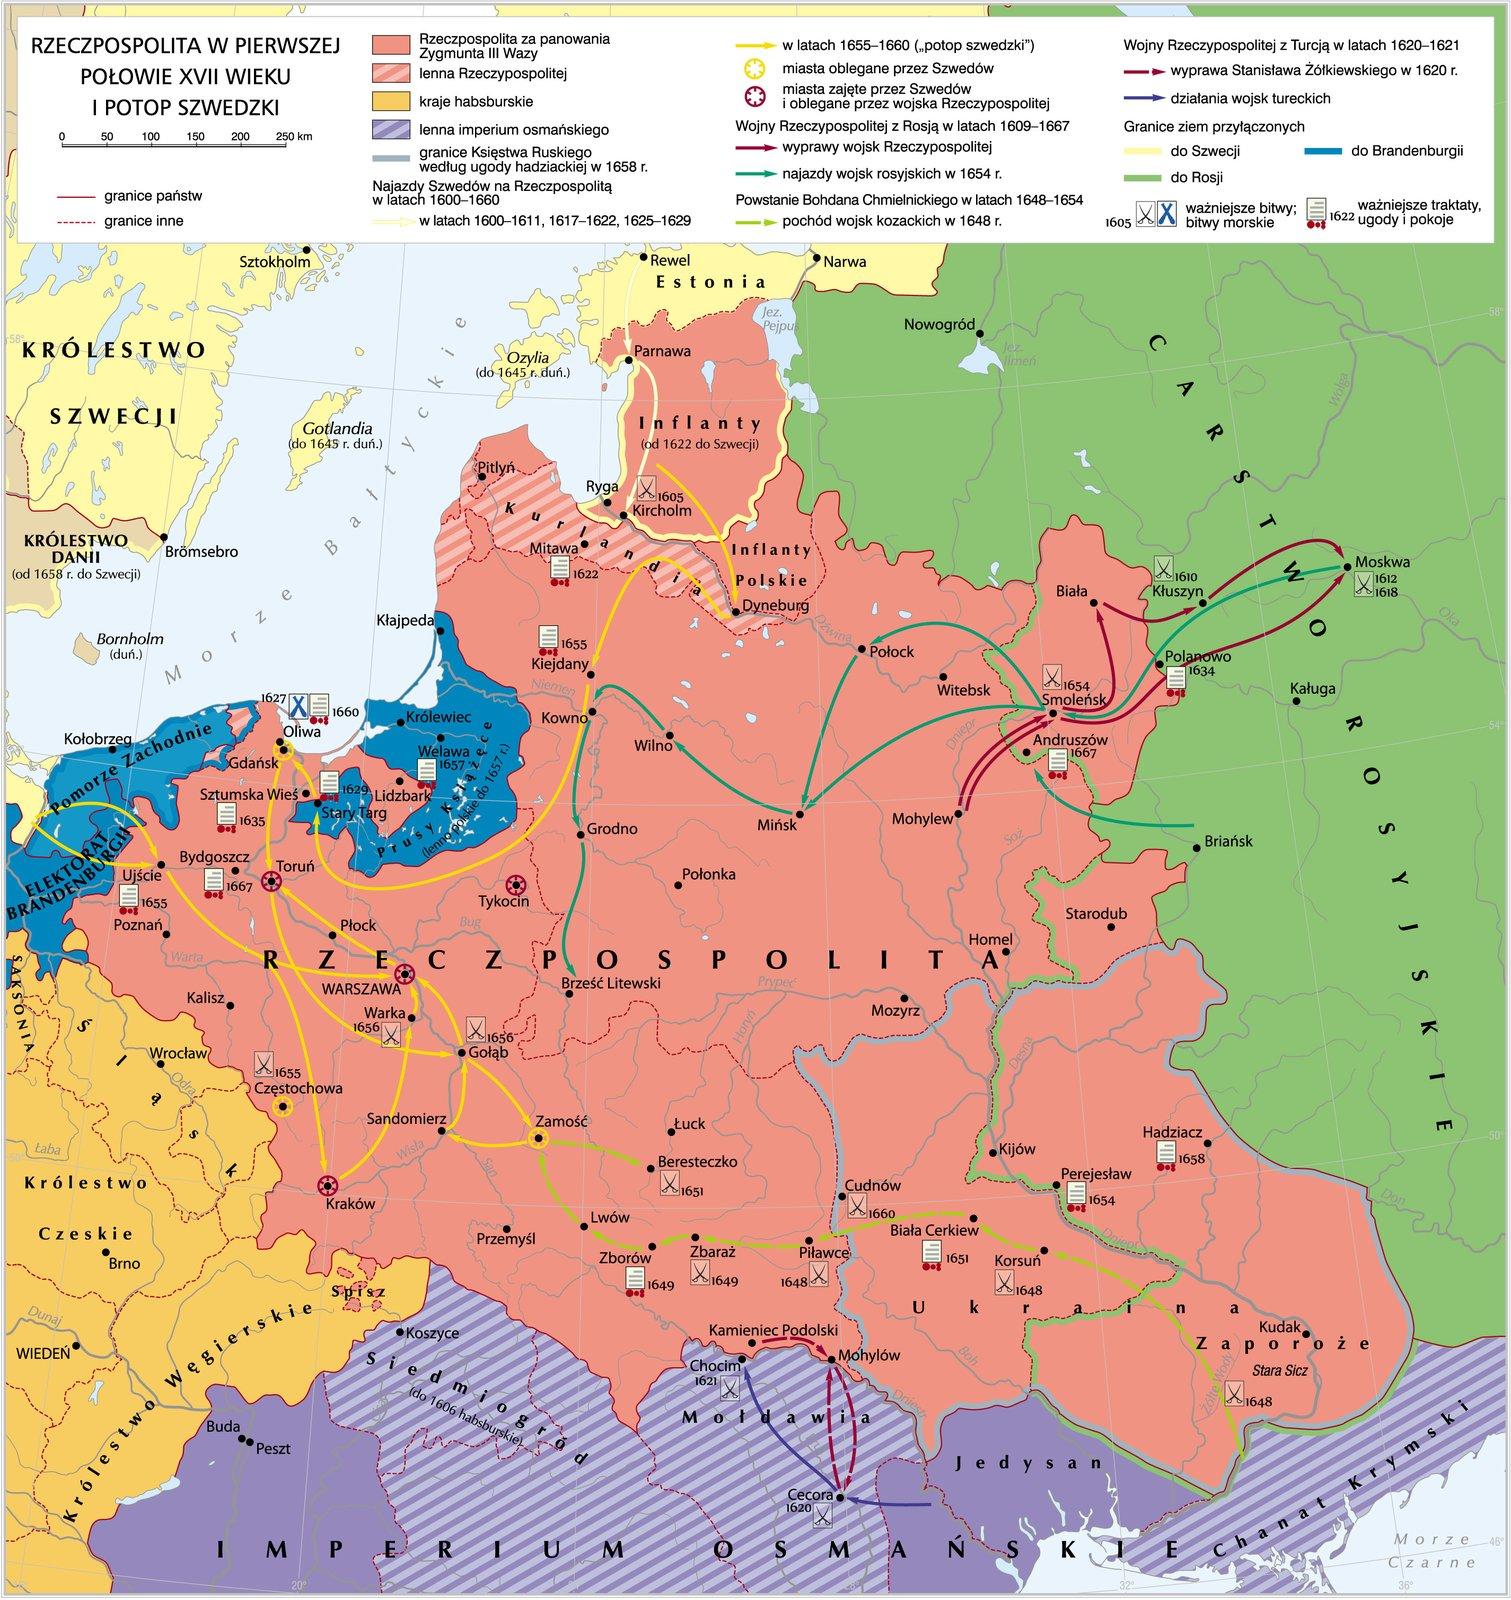 mapa przedstawia Rzeczpospolitą wczasach kiedy była zajmowana przez wojska szwedzkiegie (czyli podczas tzw.potopu szwedzkiego)